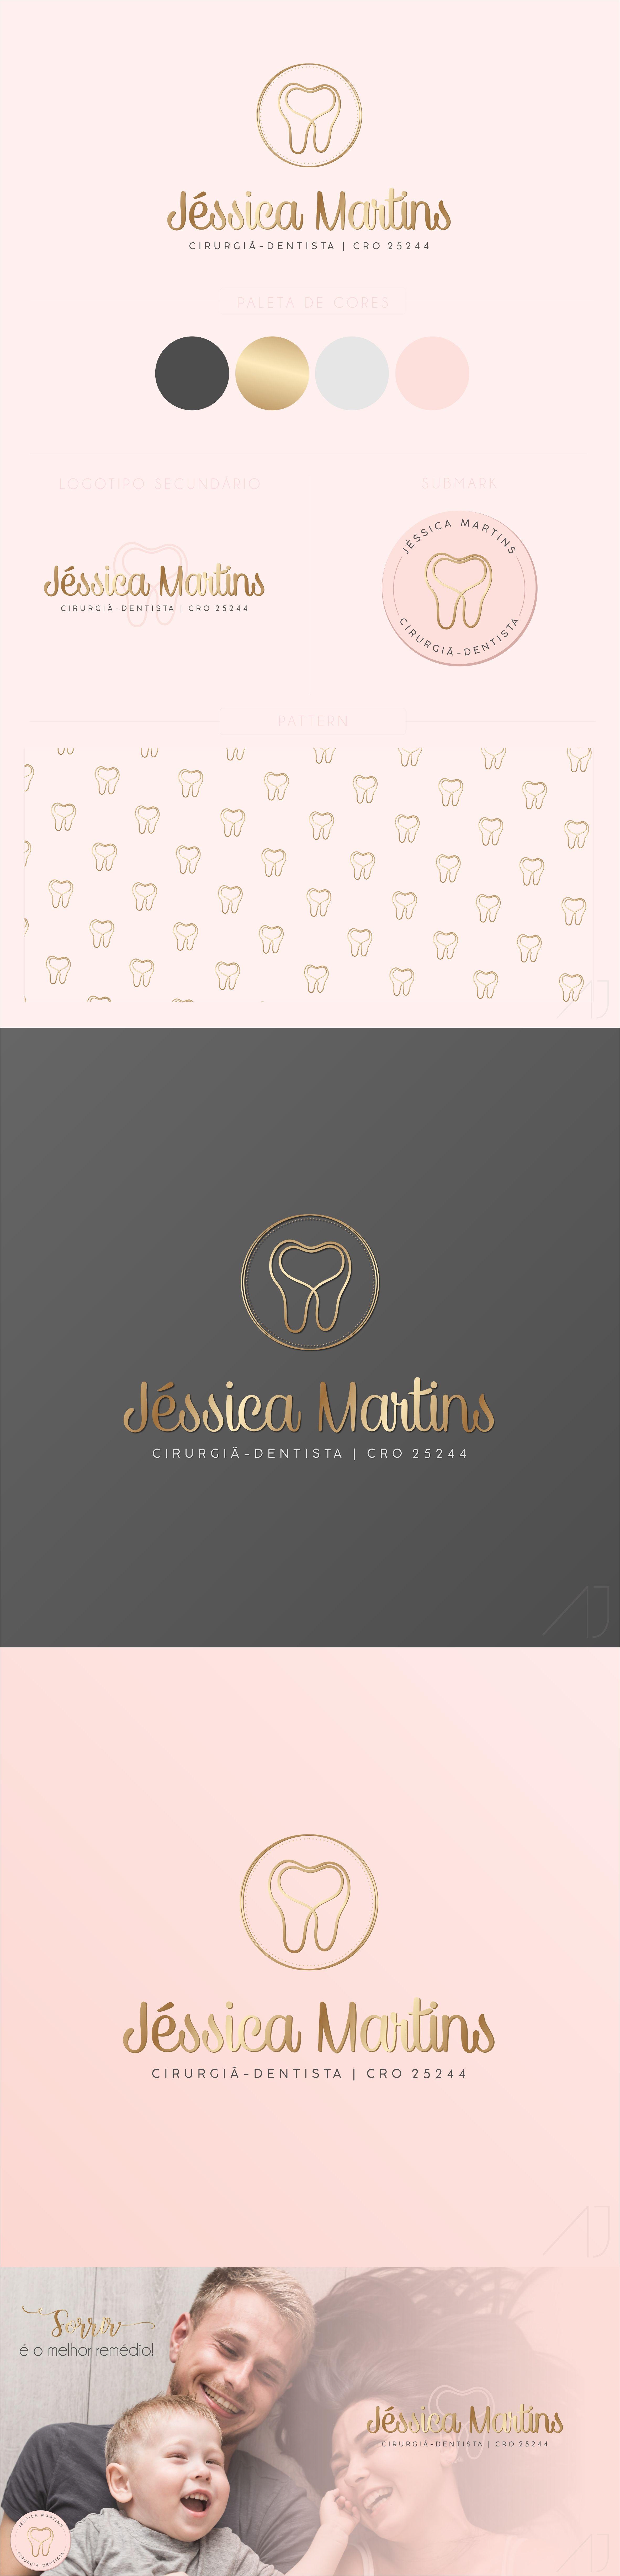 d05f543972b2 Logotipo, Logotipo para dentistas, Logo design, Logotype for dentist,  Logotype for doctor, Business Card, Cartão de visitas, Business,  Empreendedora, ...